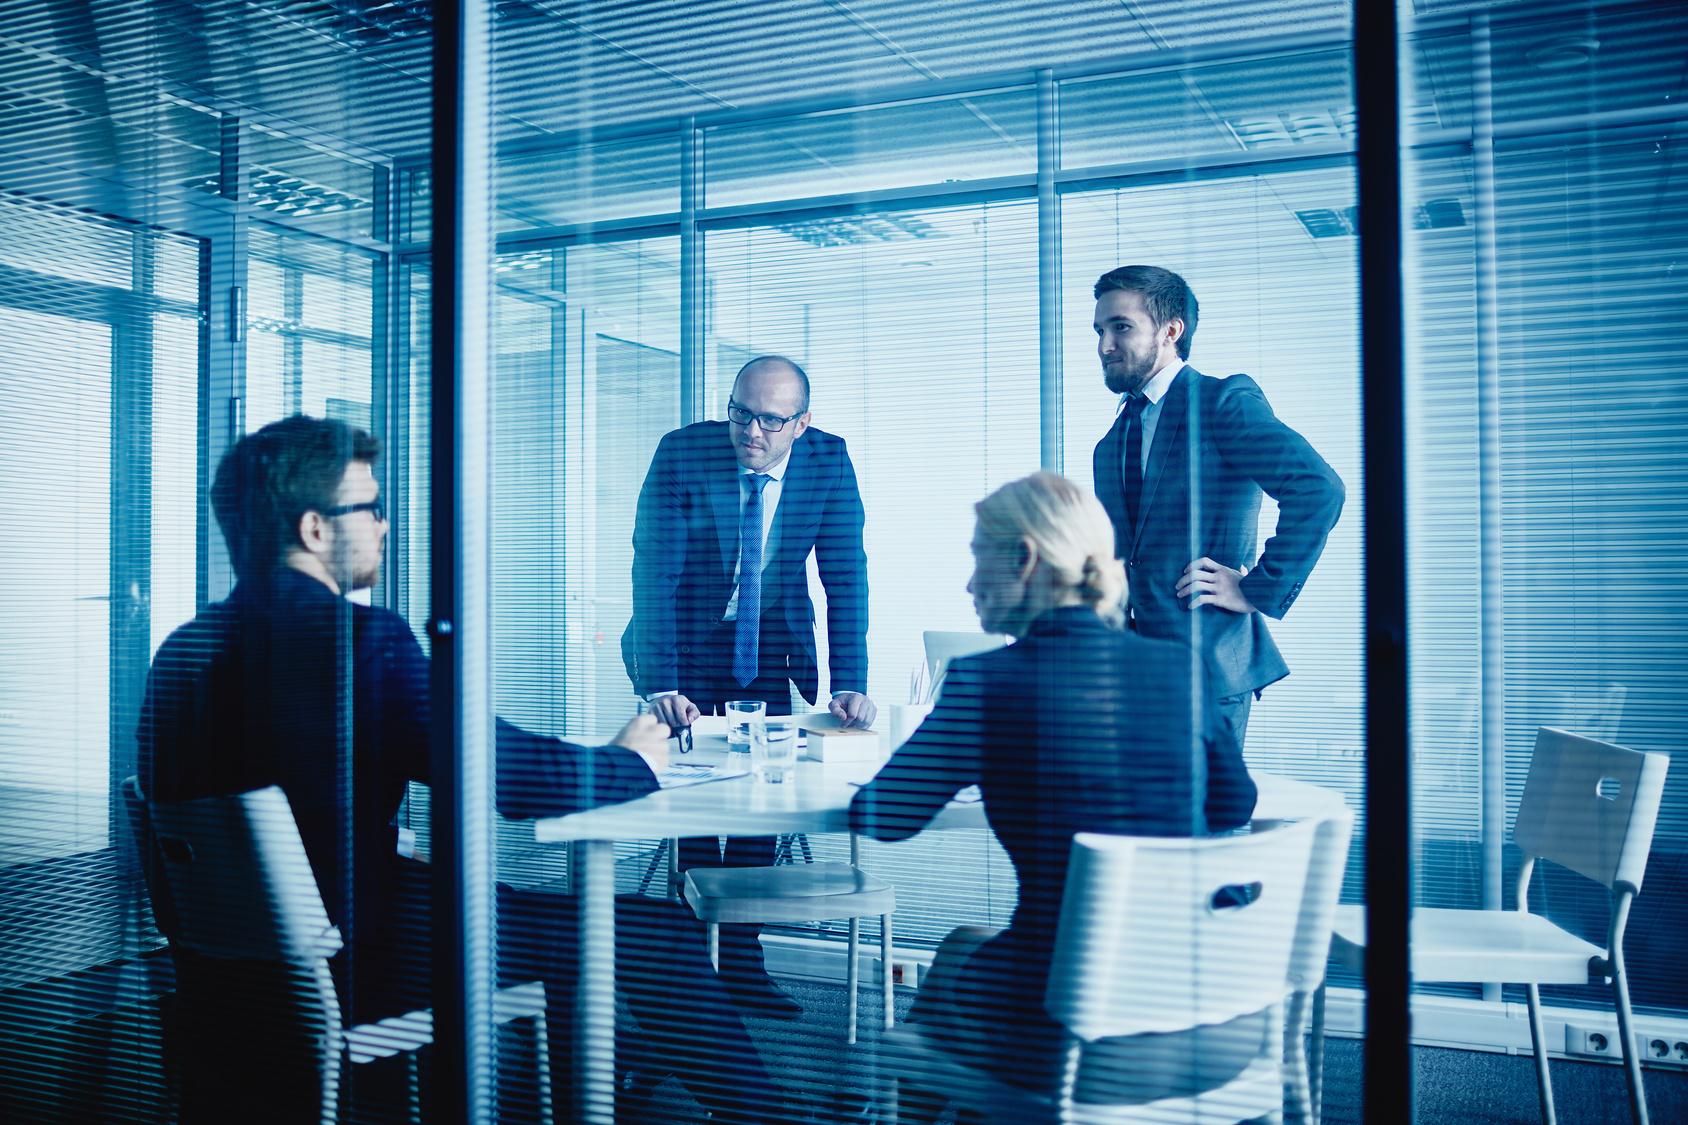 Les emplois de la semaine melty public id es car boat - Offre d emploi office manager ile de france ...